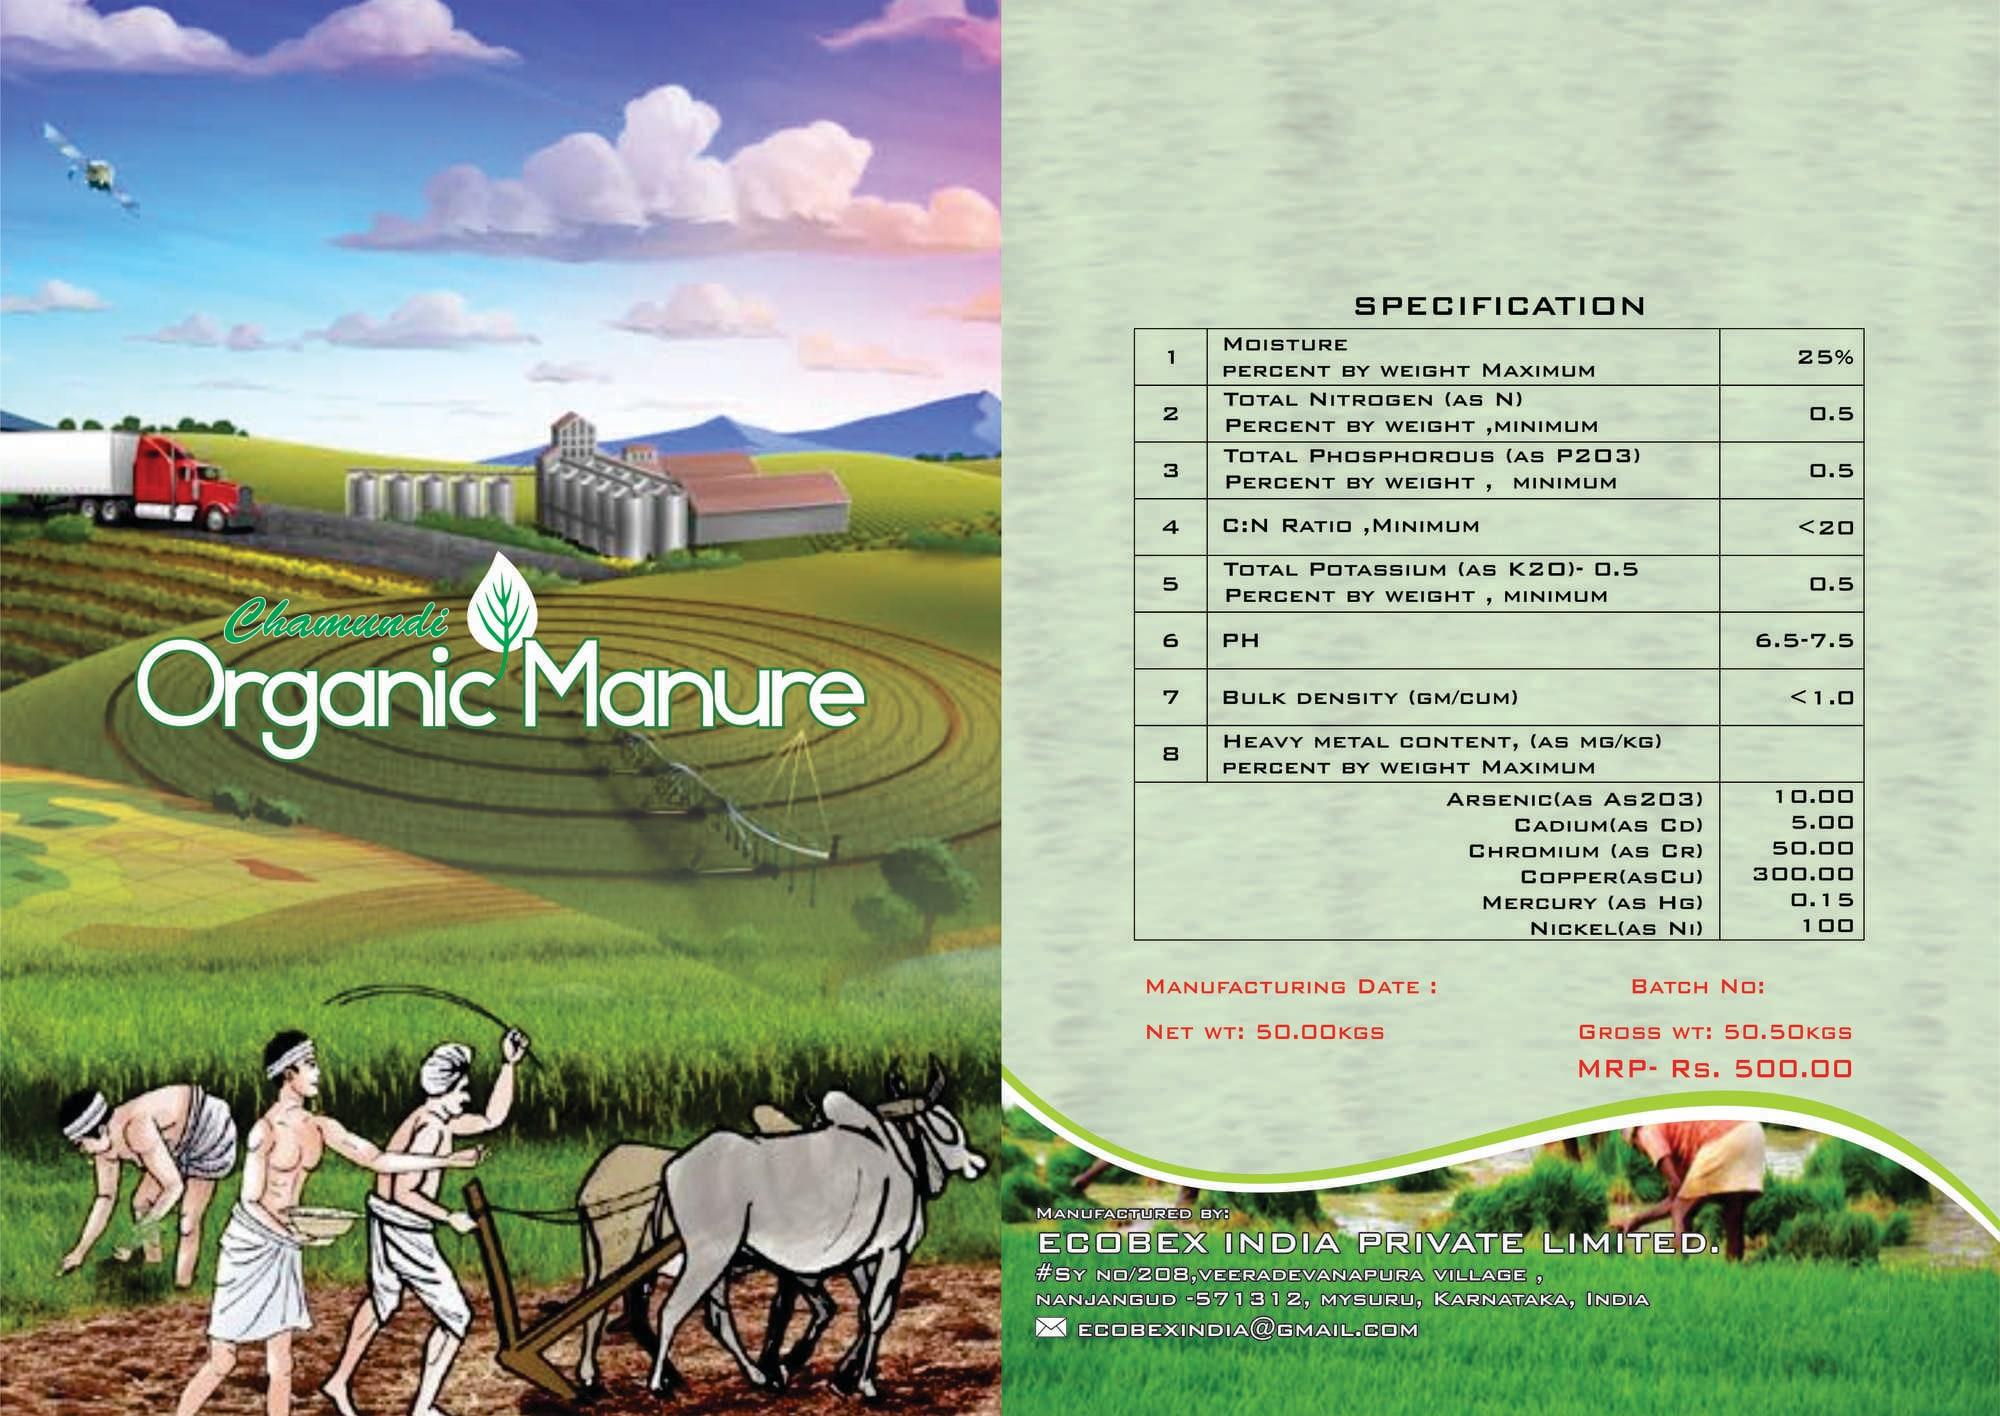 Top Organic Bio Fertilizer Manufacturers in Nanjangud, Mysore - Justdial